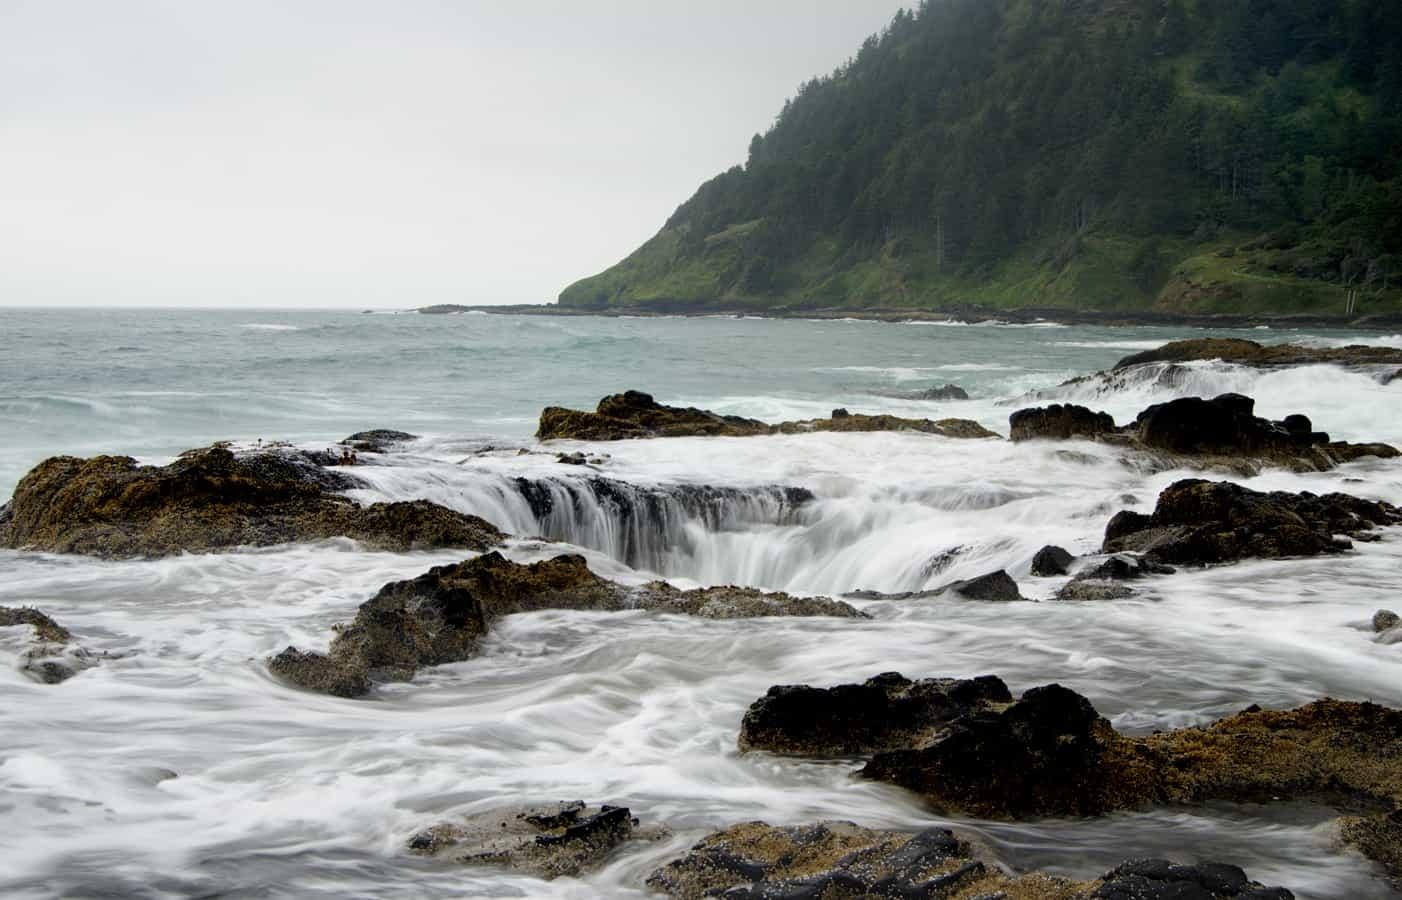 Hiking Oregon: Cape Peretua National Scenic Area